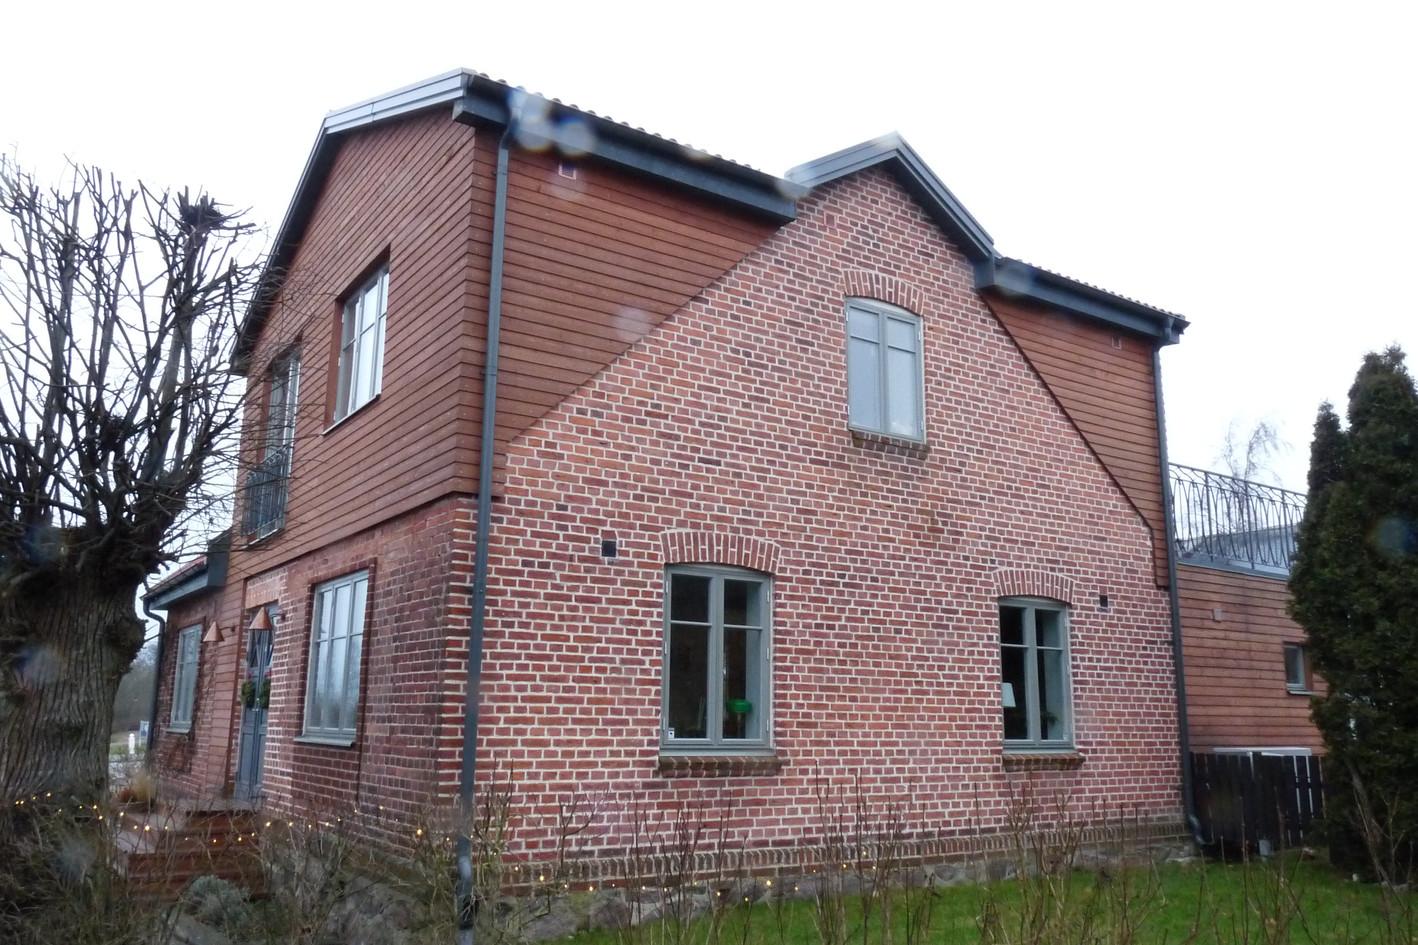 Billeberga-Ombygnad av bostad-Gavelfasad-2018